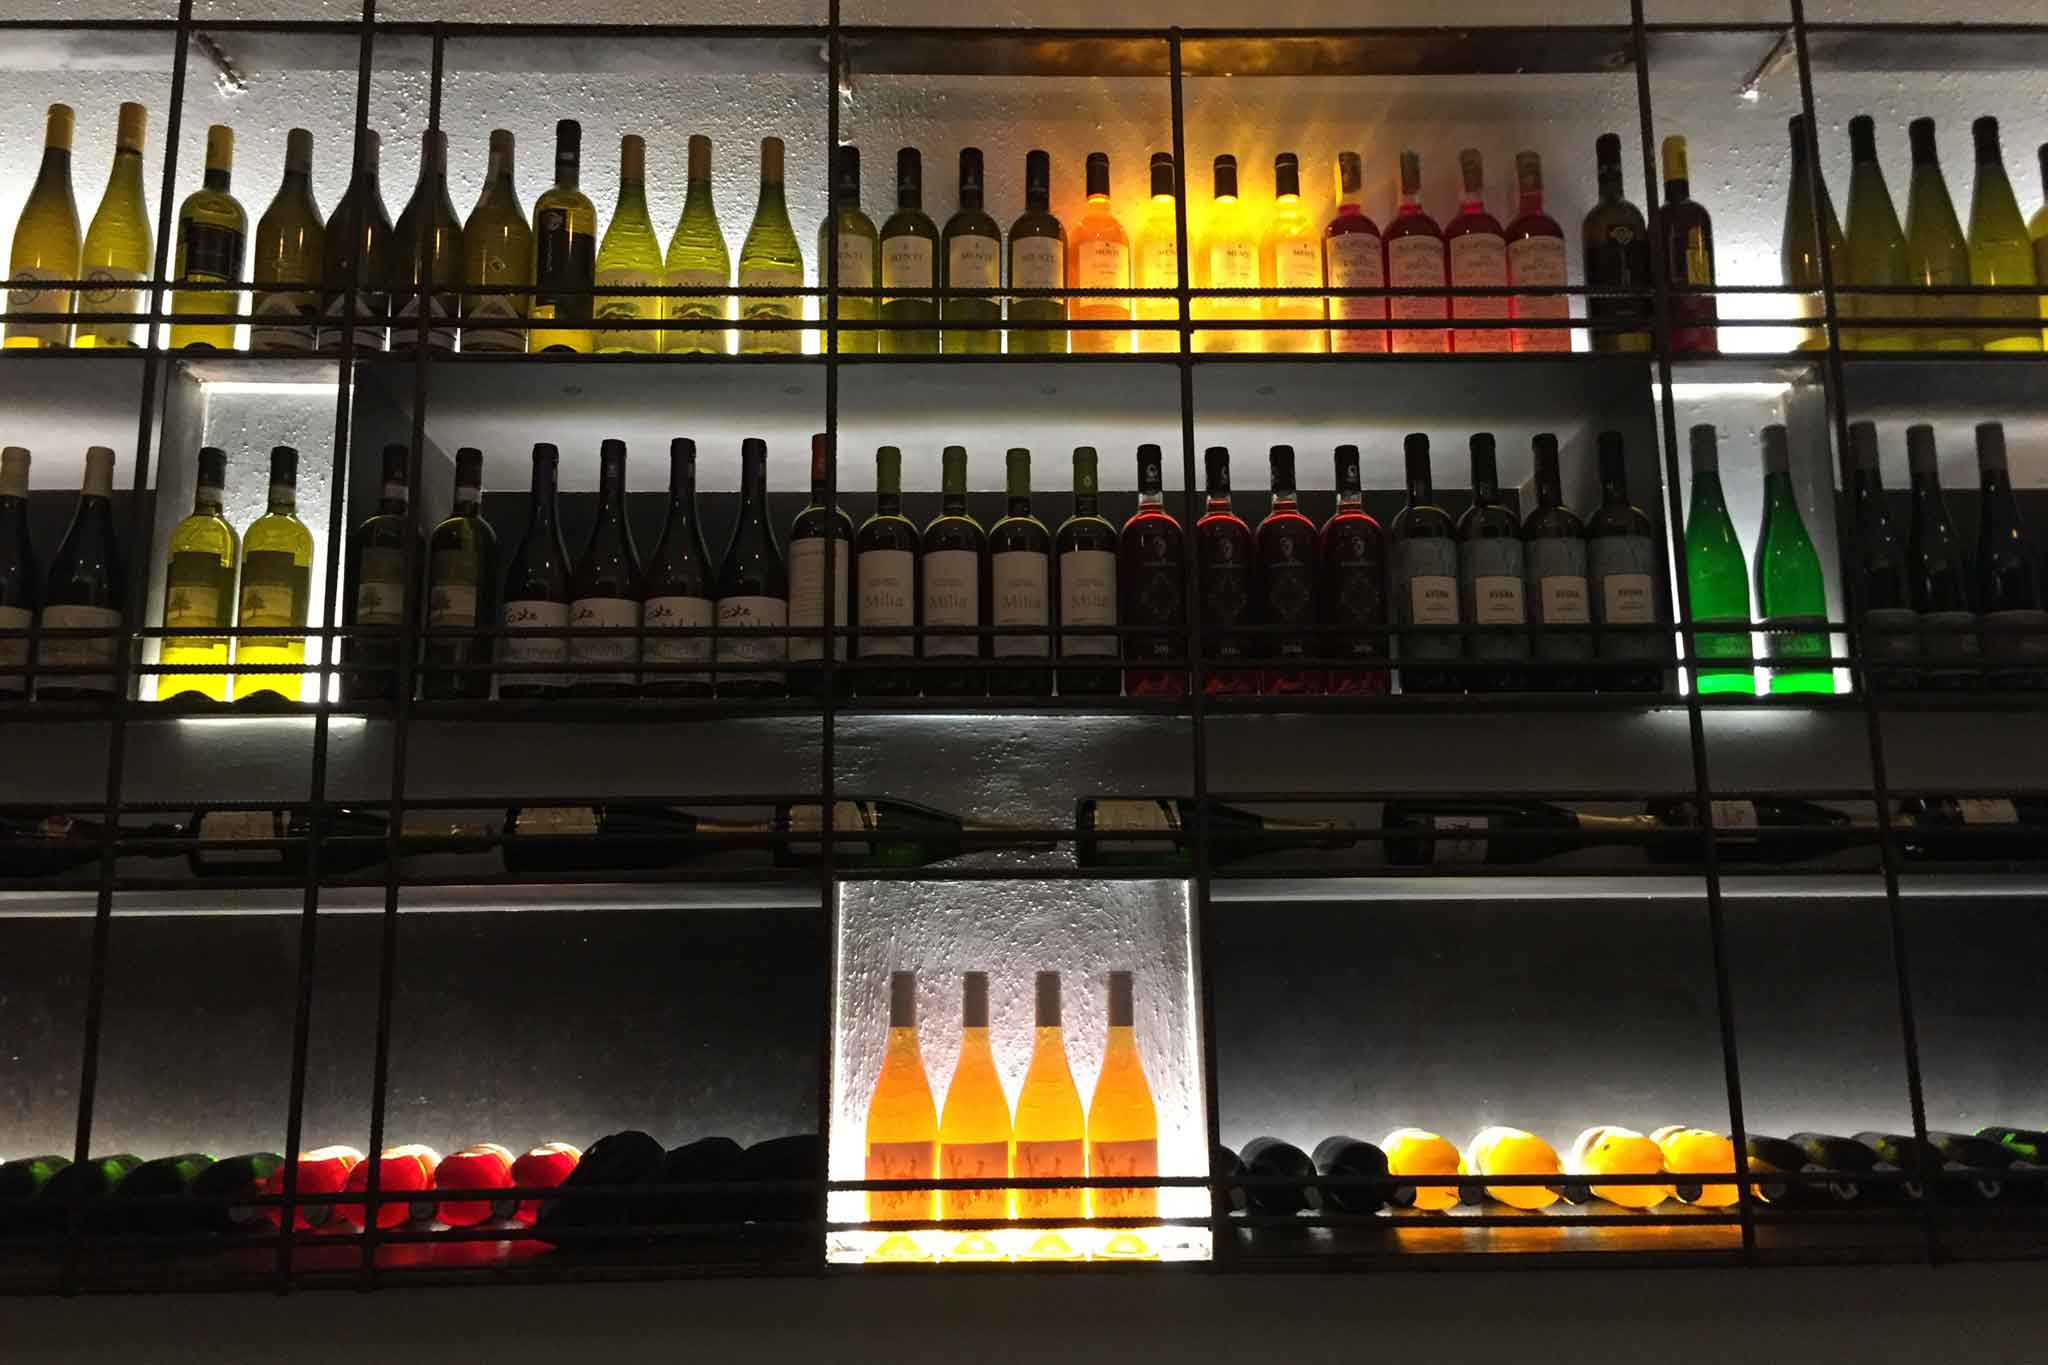 la bottiglieria di Immorale milano